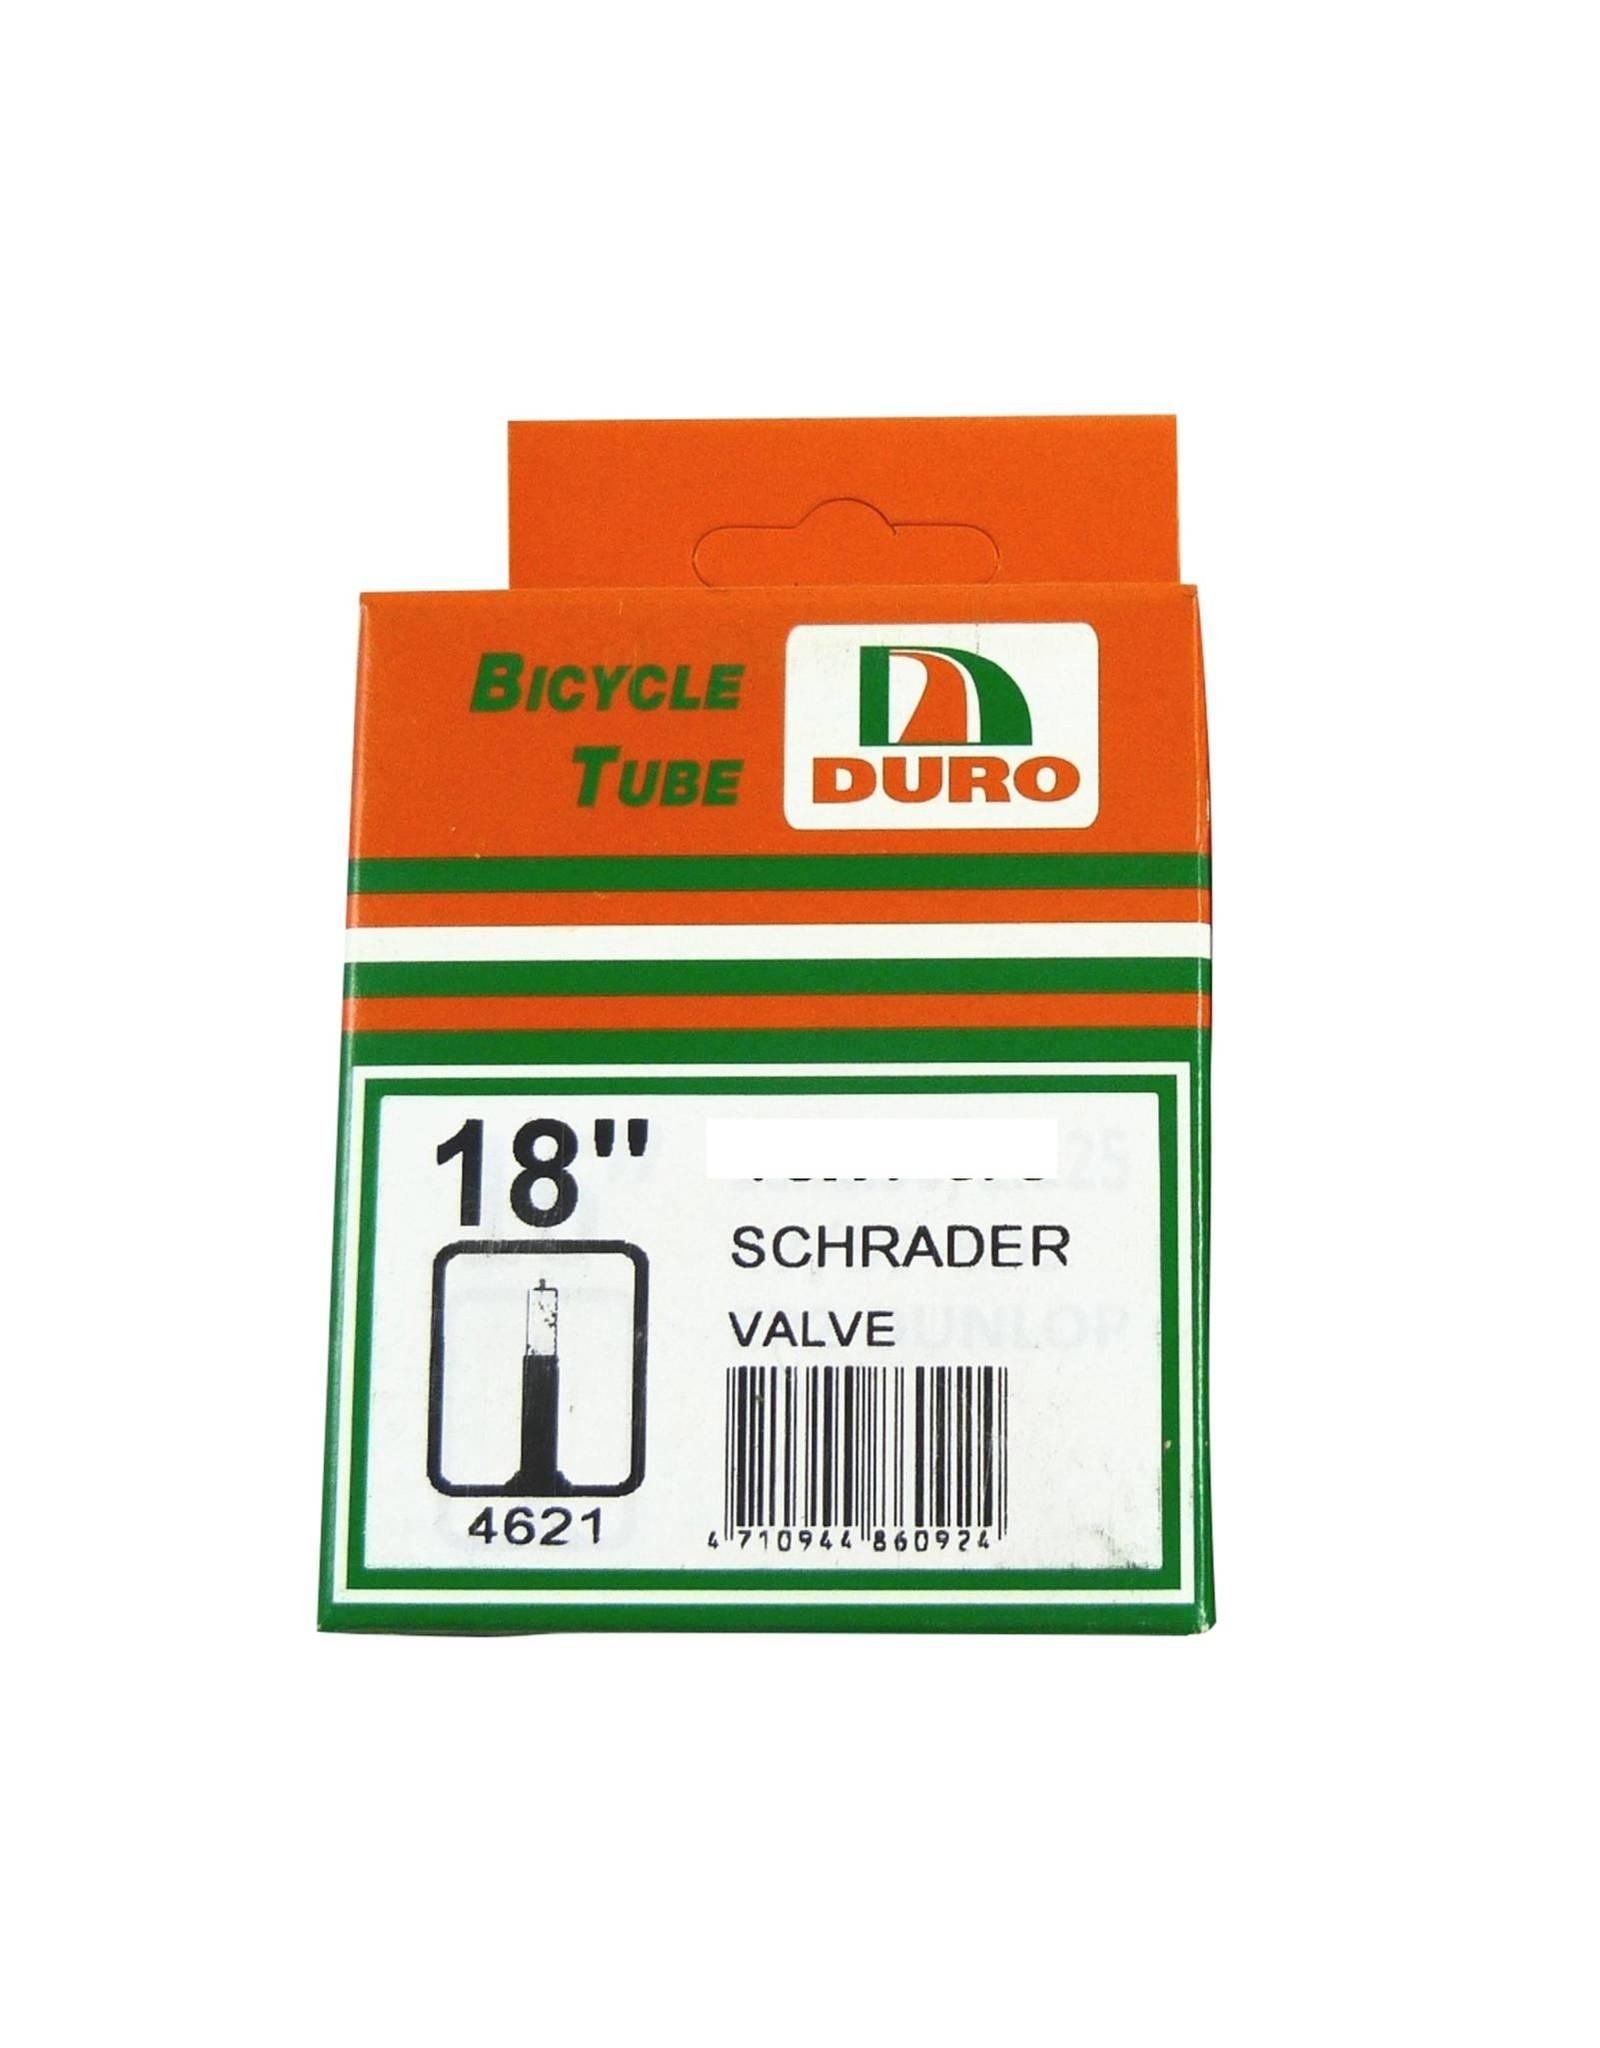 Duro 18 x 1.5 Schrader Tube